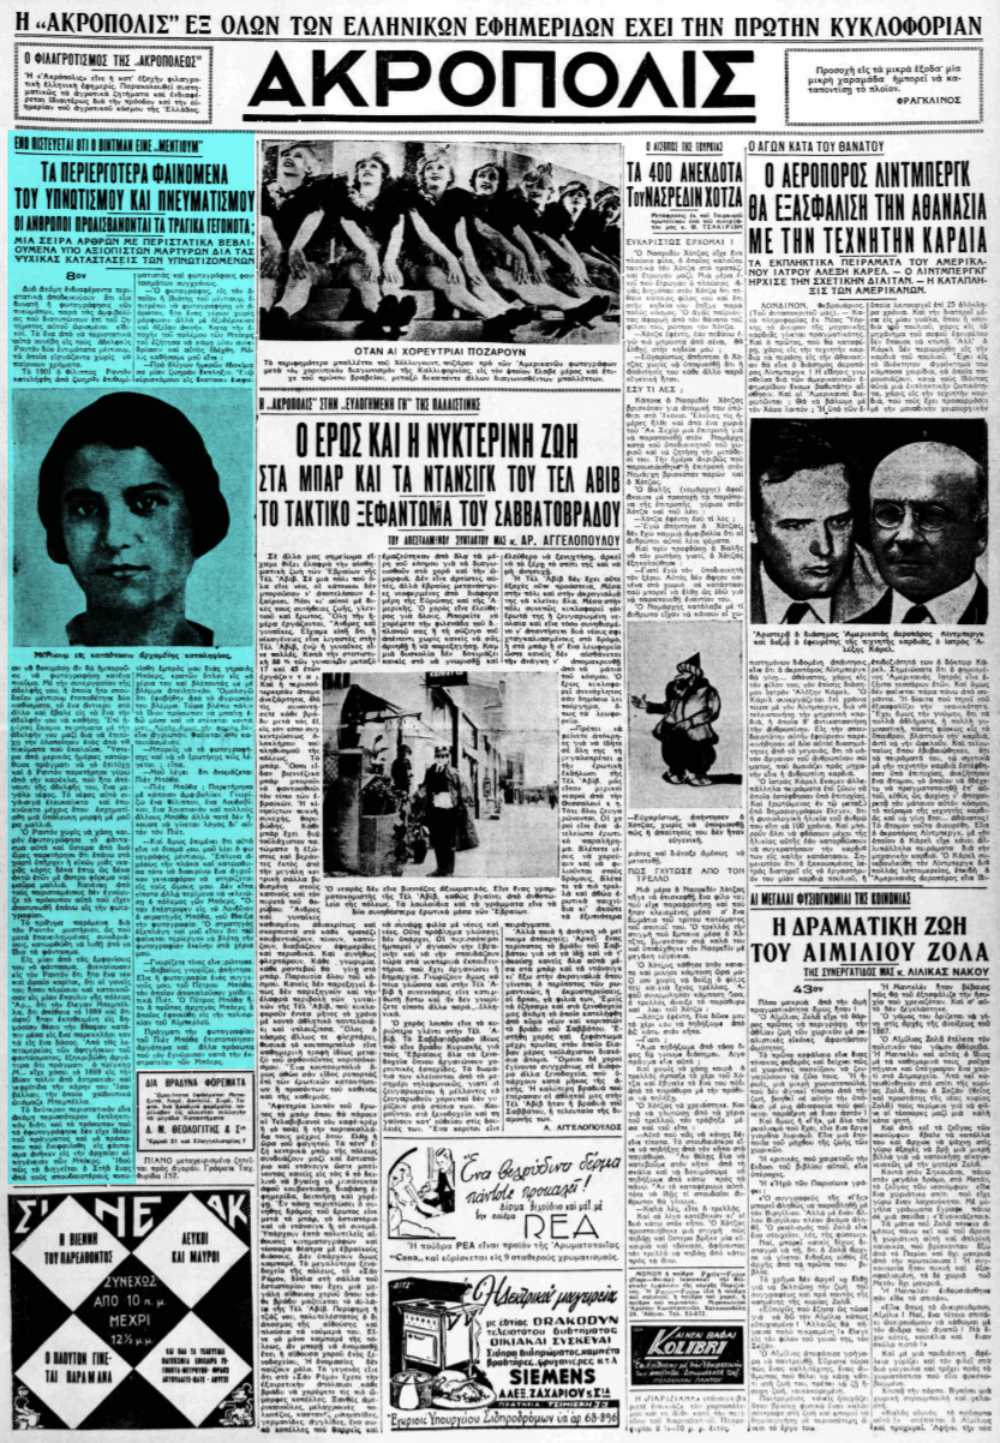 """Το άρθρο, όπως δημοσιεύθηκε στην εφημερίδα """"ΑΚΡΟΠΟΛΙΣ"""", στις 09/02/1938"""